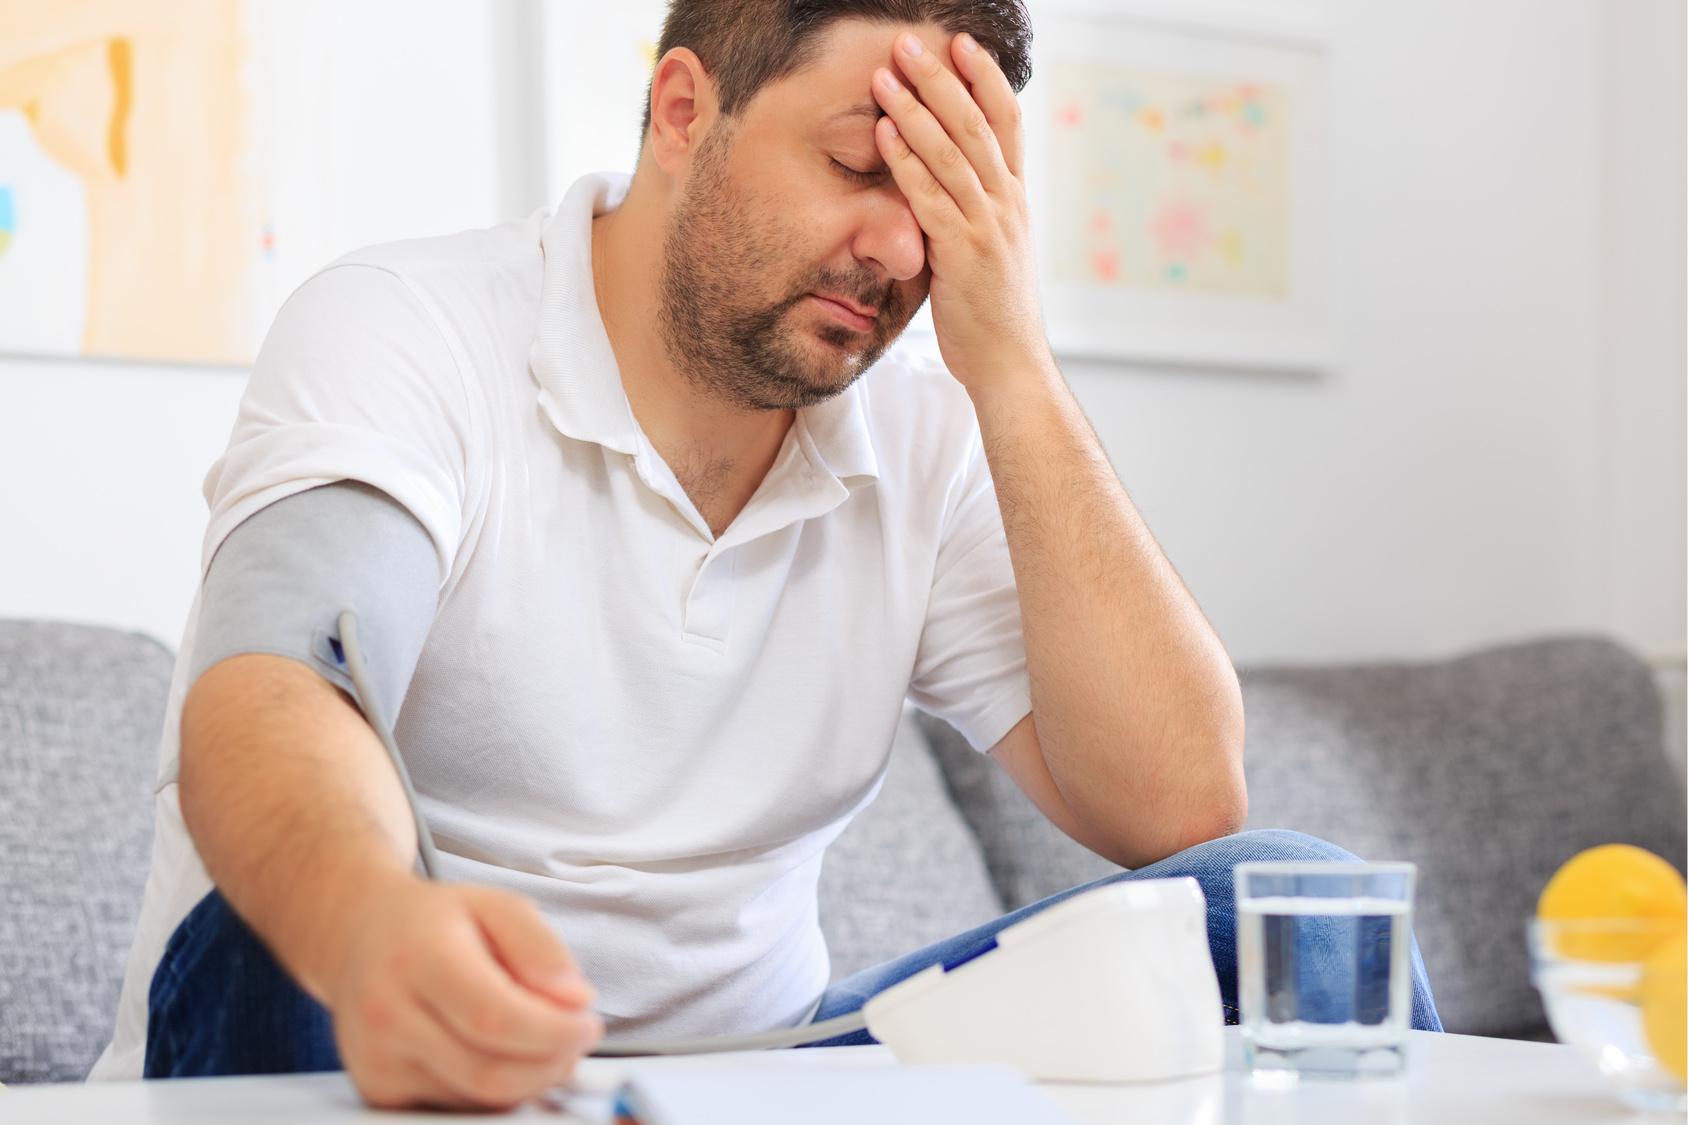 Ein erschöpfter Mann misst seinen Blutdruck und hält sich dabei den Kopf. (Hypertension)